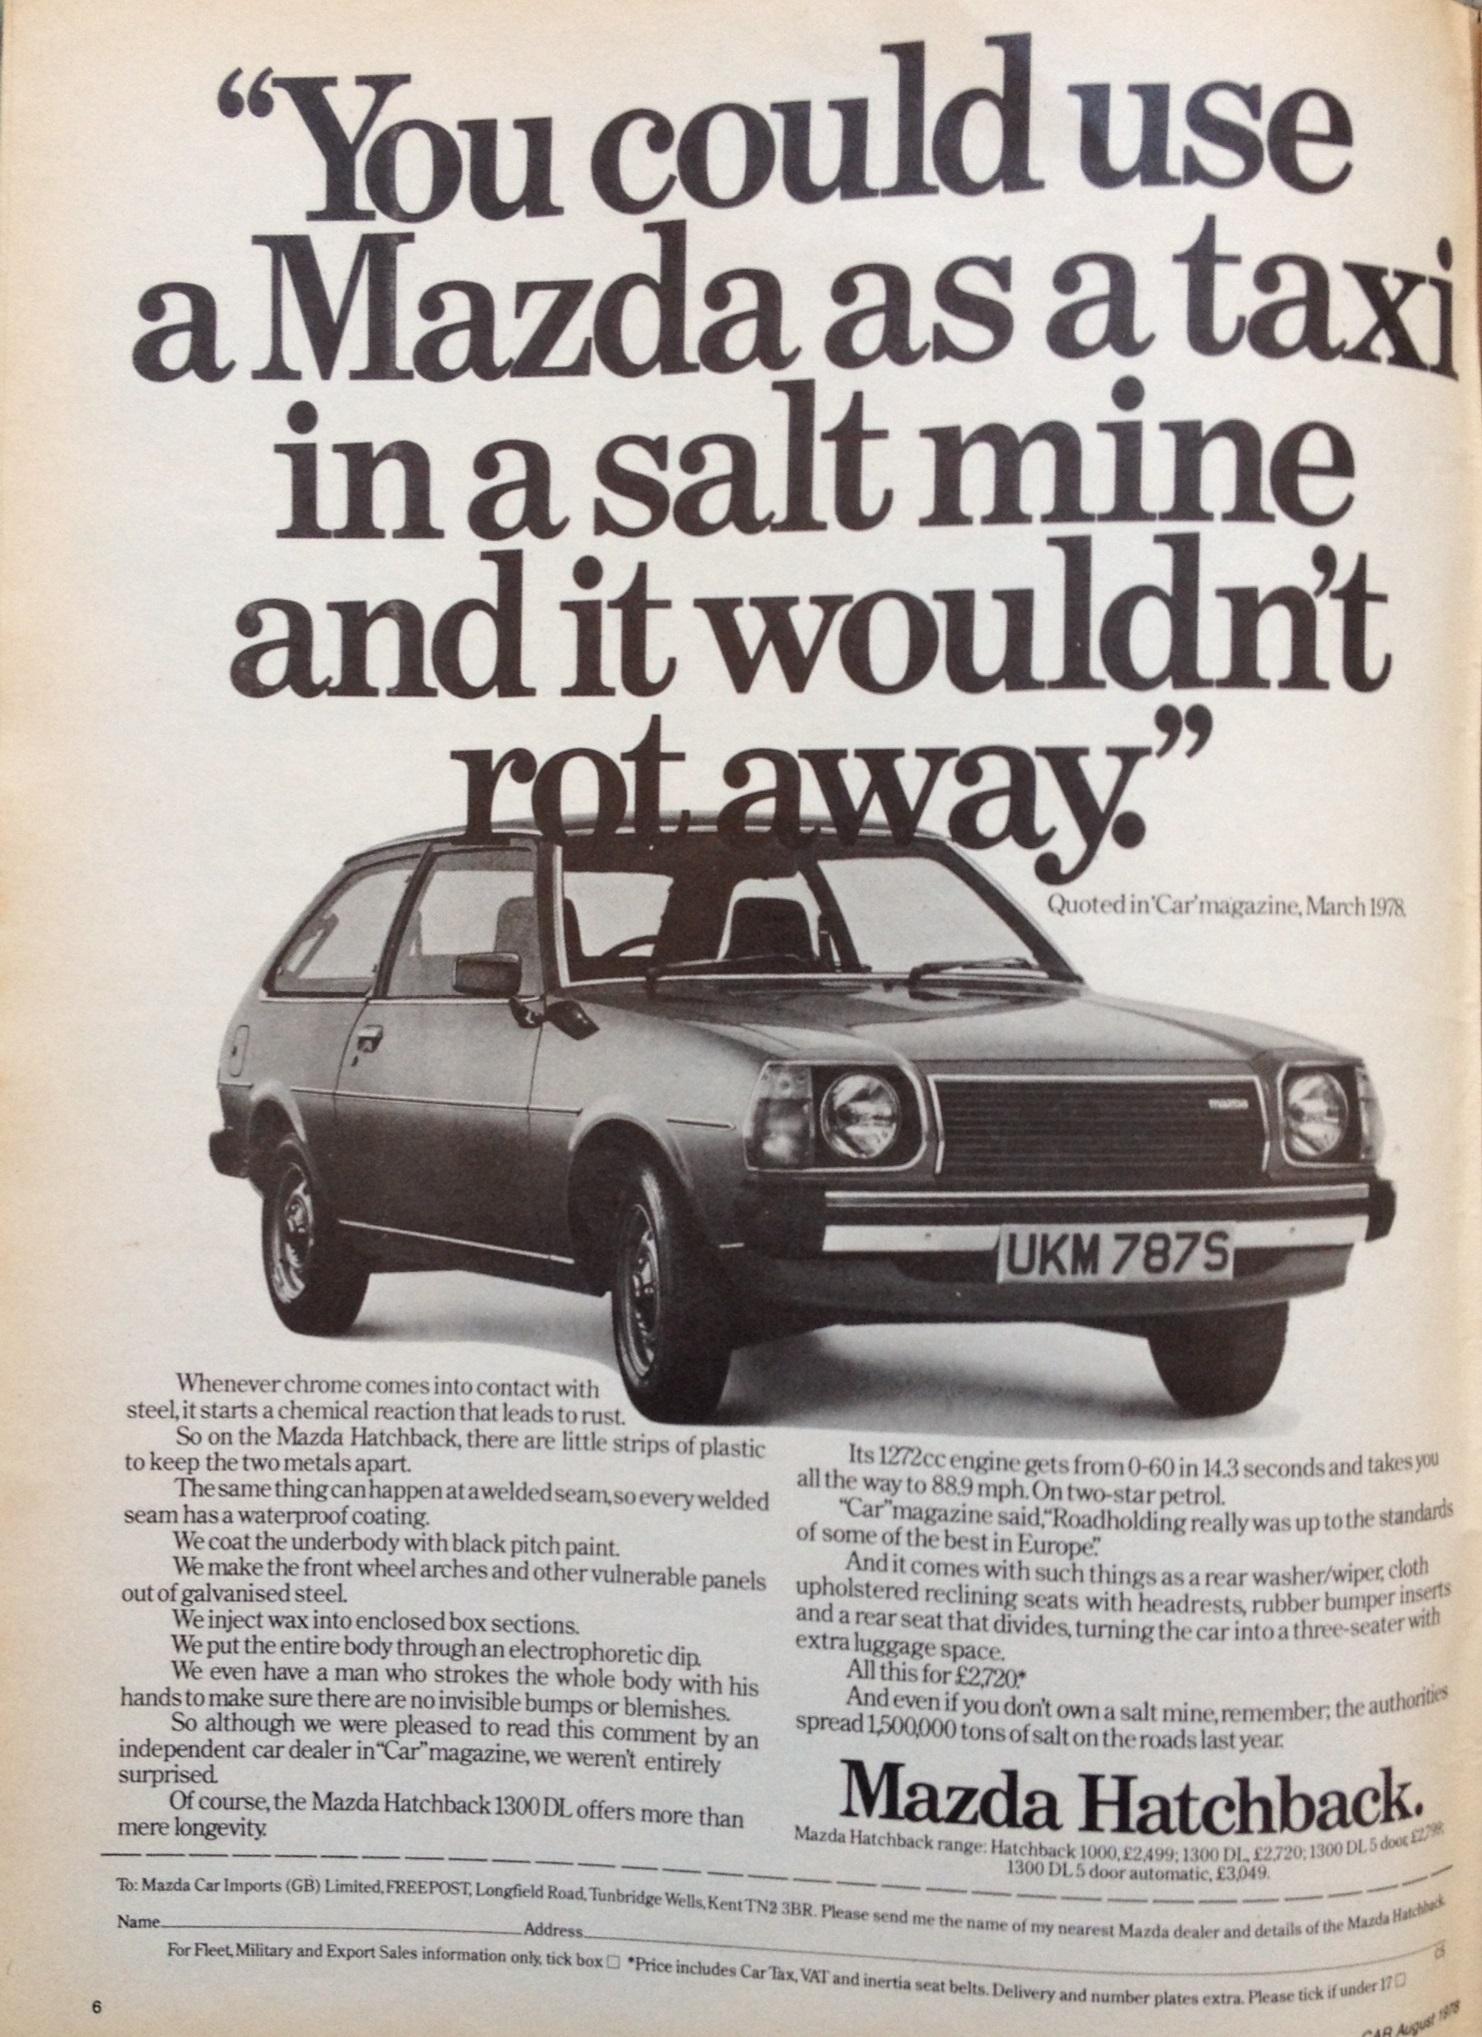 1973-mazda-hatchback-1300-dl-ad.jpg